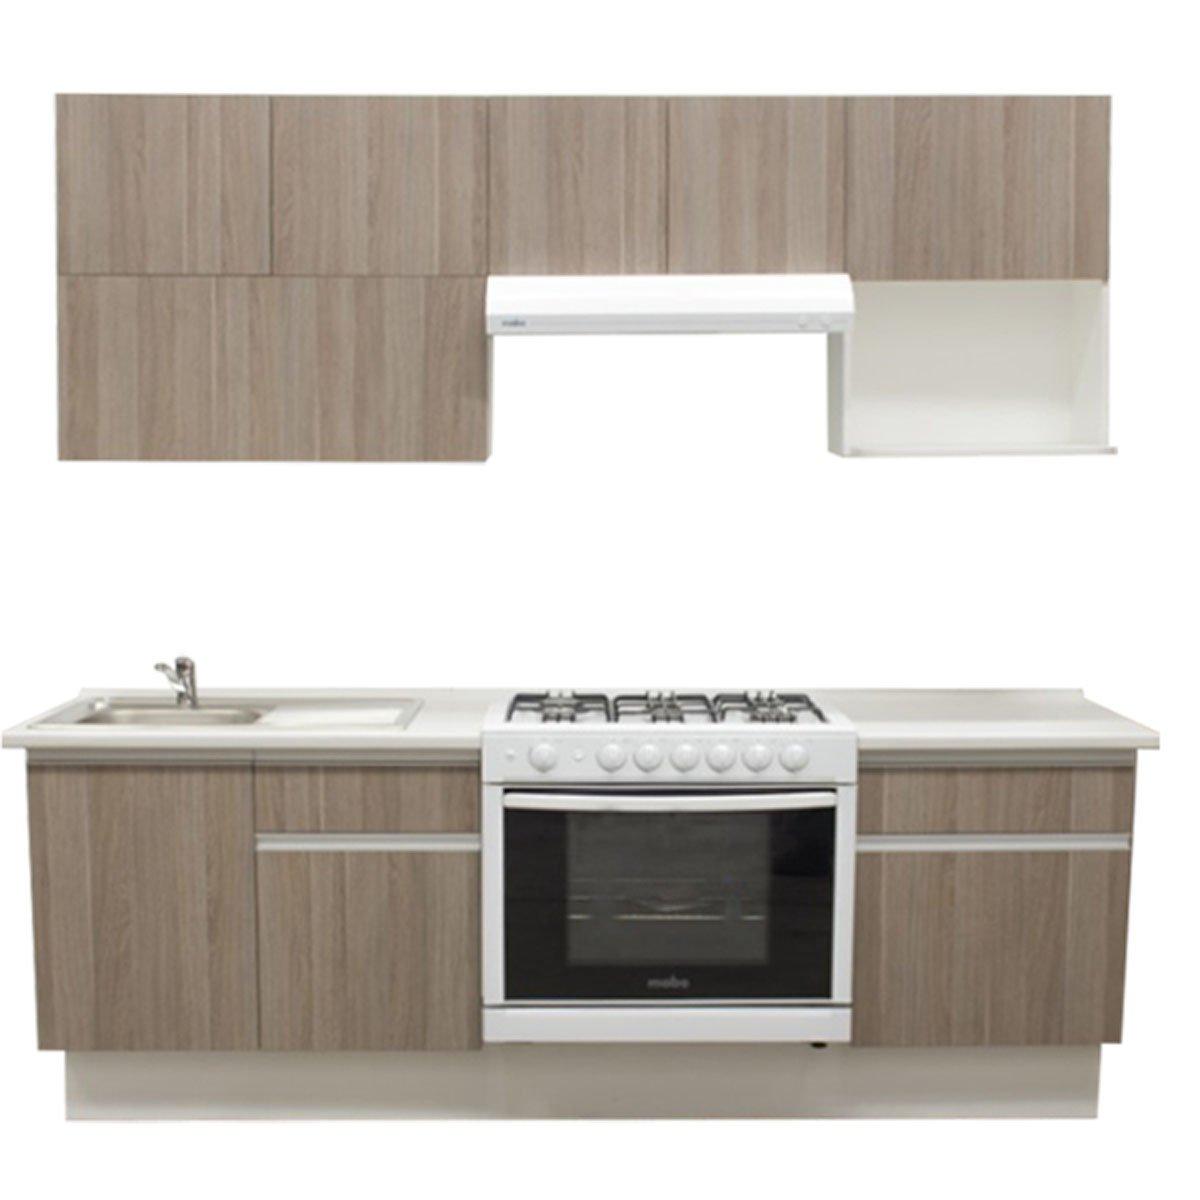 Cocinas Integrales | SEARS.COM.MX - Me entiende!